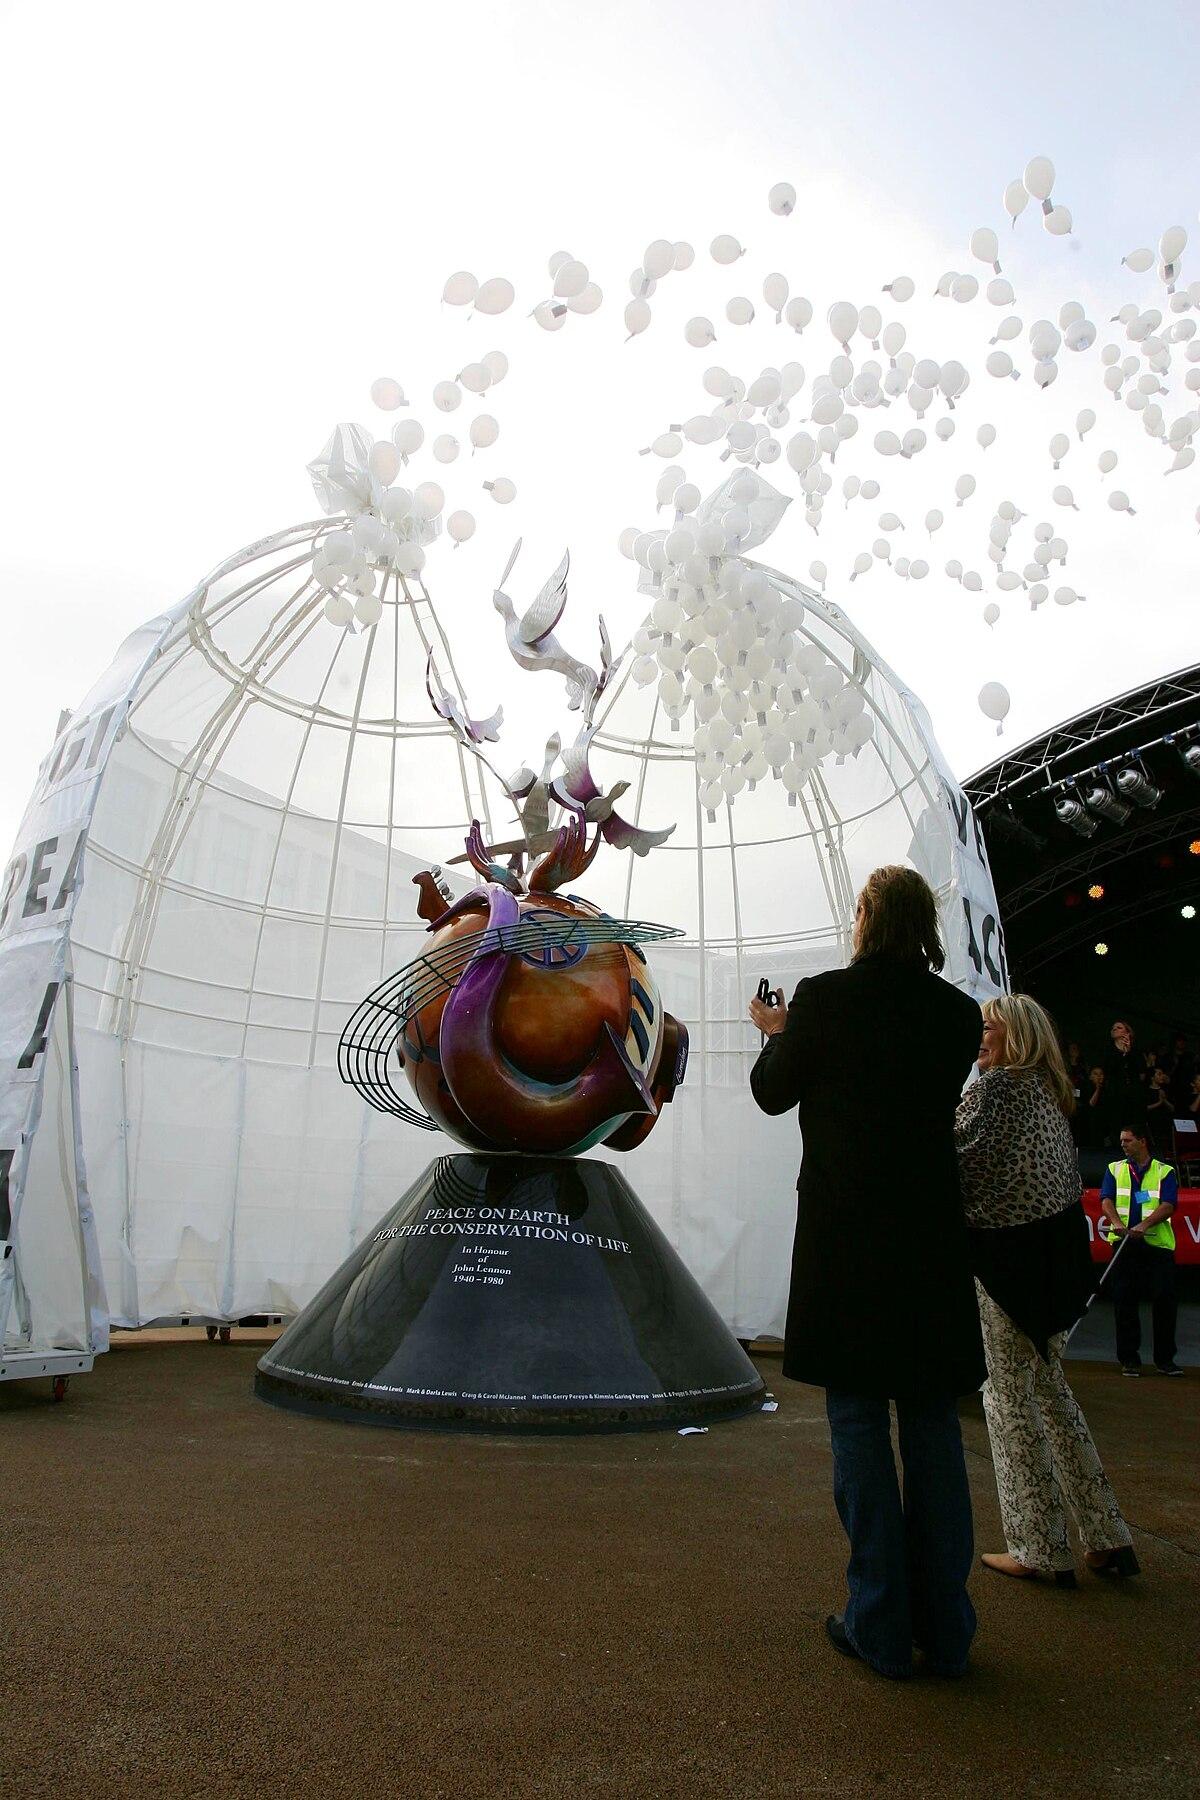 John Lennon Peace Monument - Wikipedia